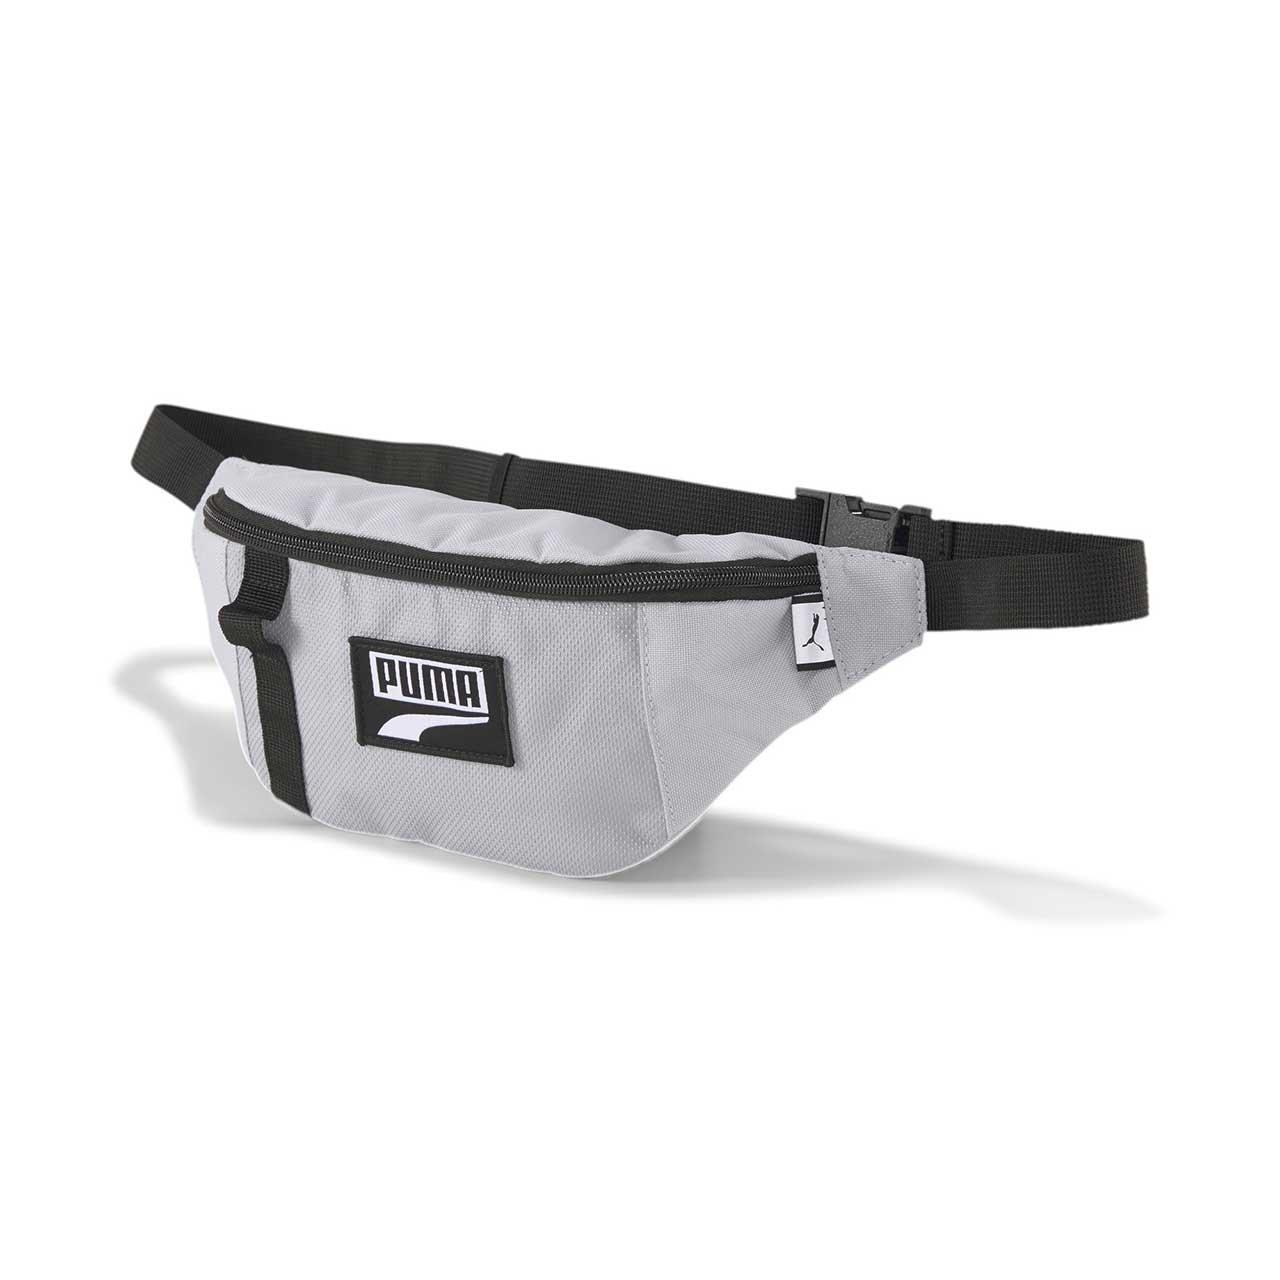 Deck Waist Bag